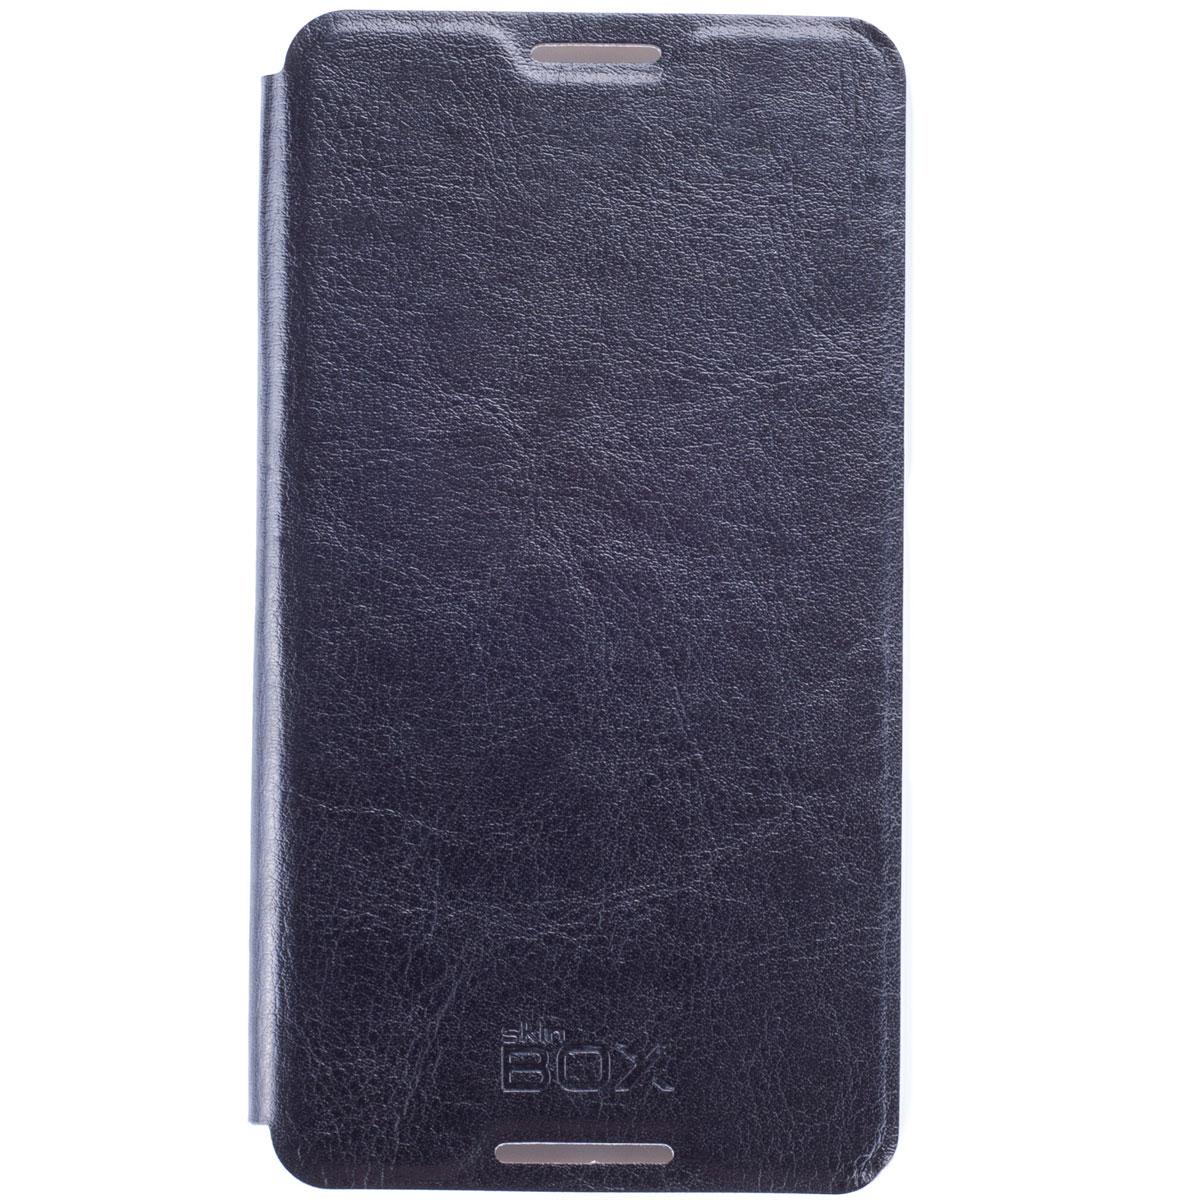 Skinbox Lux чехол для Sony Xperia E4, BlackT-S-AXE4-003Чехол Skinbox Lux для Sony Xperia E4 выполнен из высококачественного поликарбоната и экокожи. Он обеспечивает надежную защиту корпуса и экрана смартфона и надолго сохраняет его привлекательный внешний вид. Чехол также обеспечивает свободный доступ ко всем разъемам и клавишам устройства.